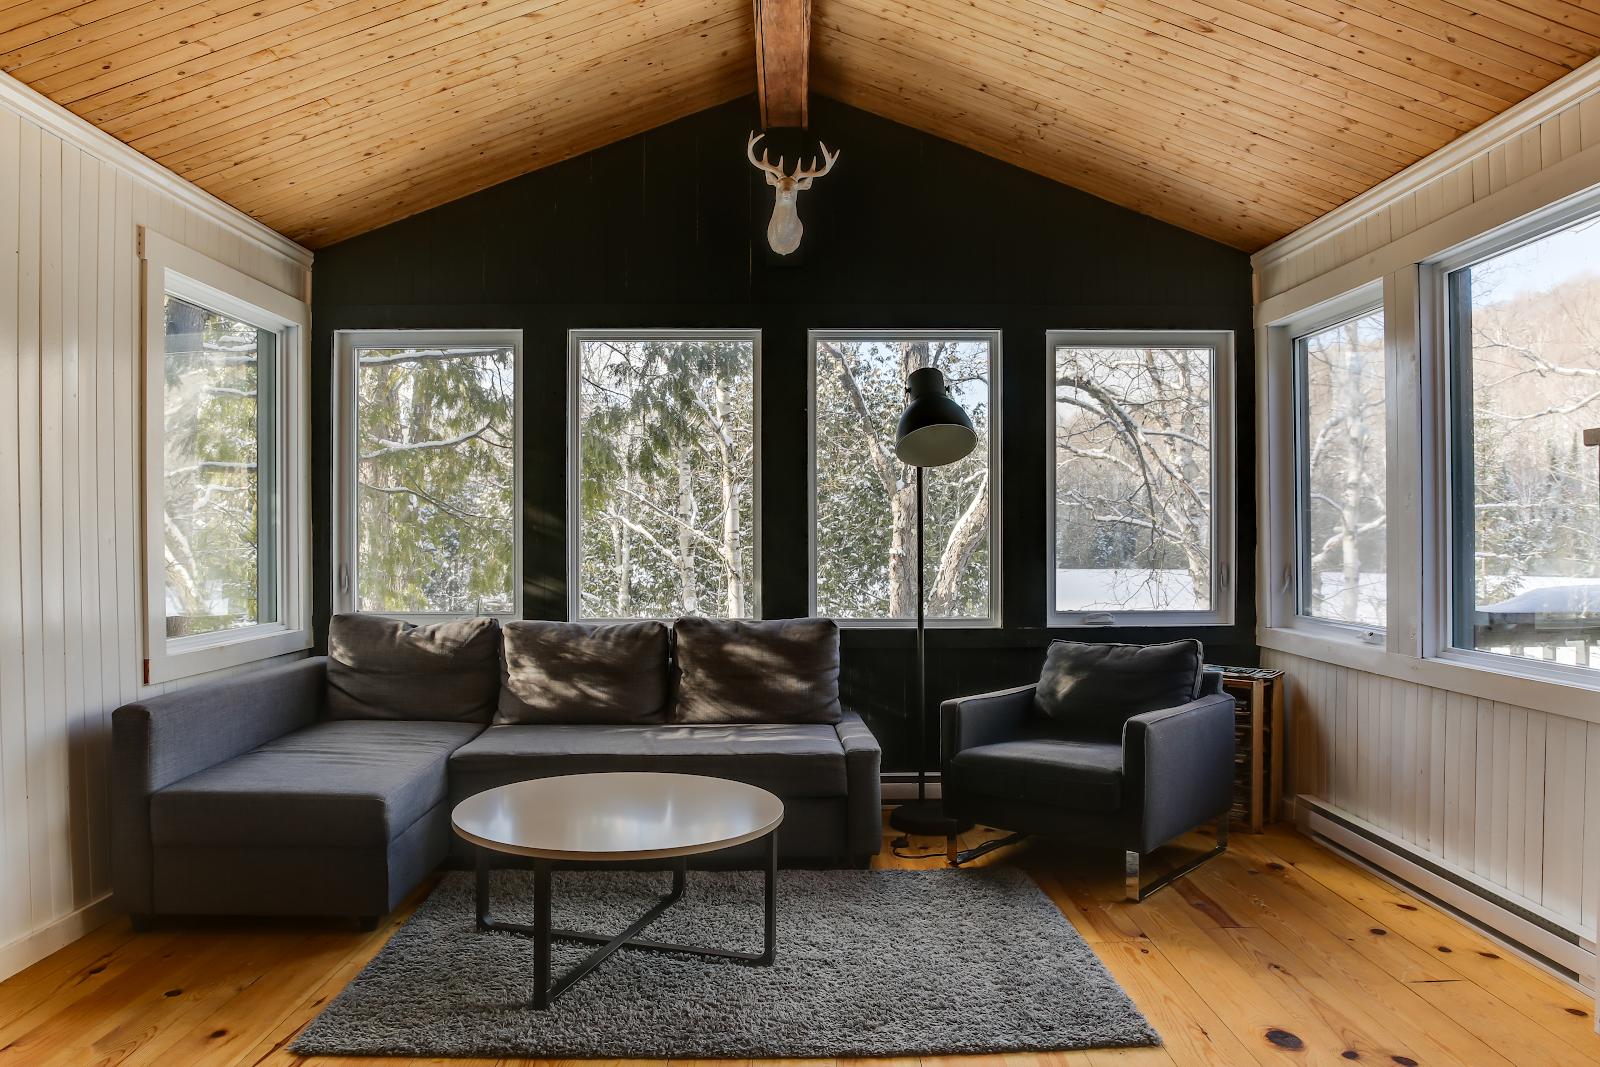 Cottages for rent for telework in Quebec #7